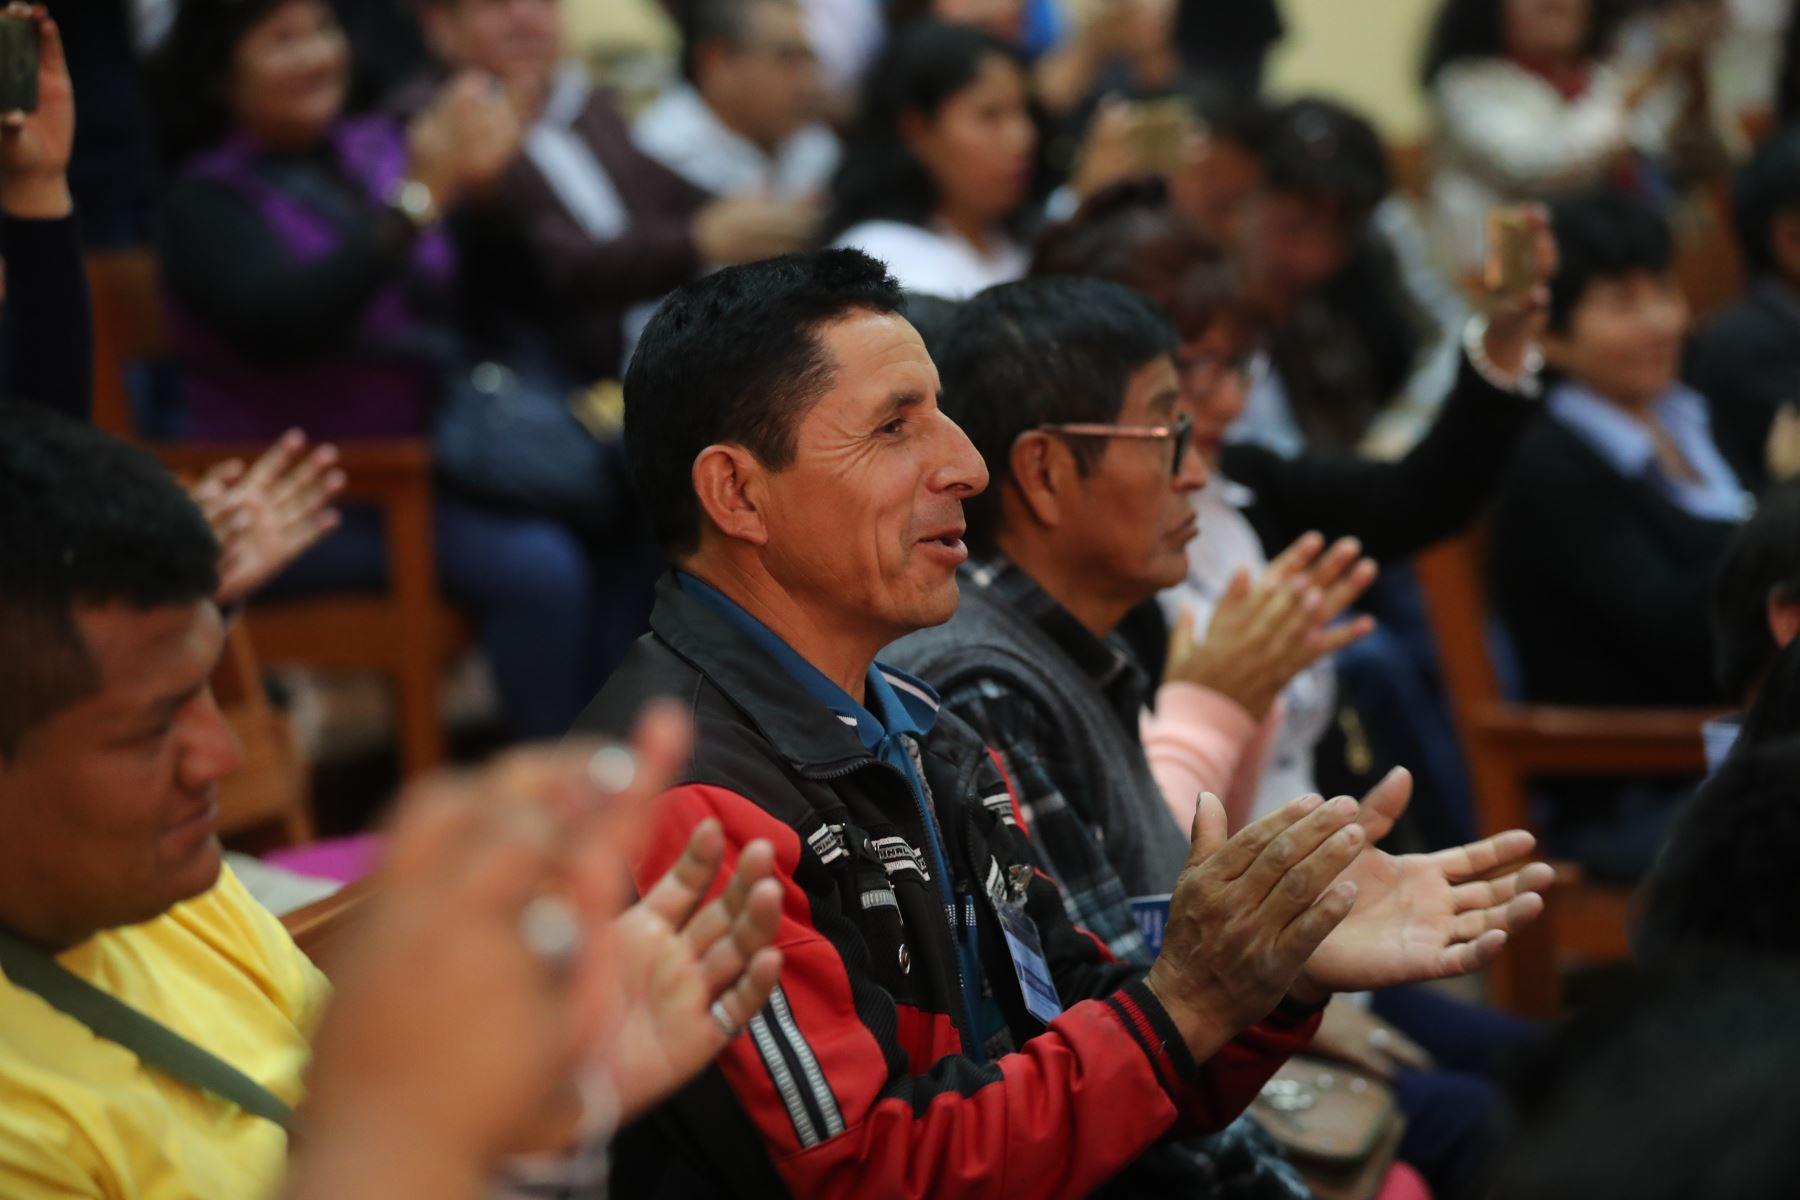 El presidente de la República, Martín Vizcarra, inaugura el I Congreso Internacional de Pesca Artesanal en Ilo, Moquegua. Foto: ANDINA/Prensa Presidencia